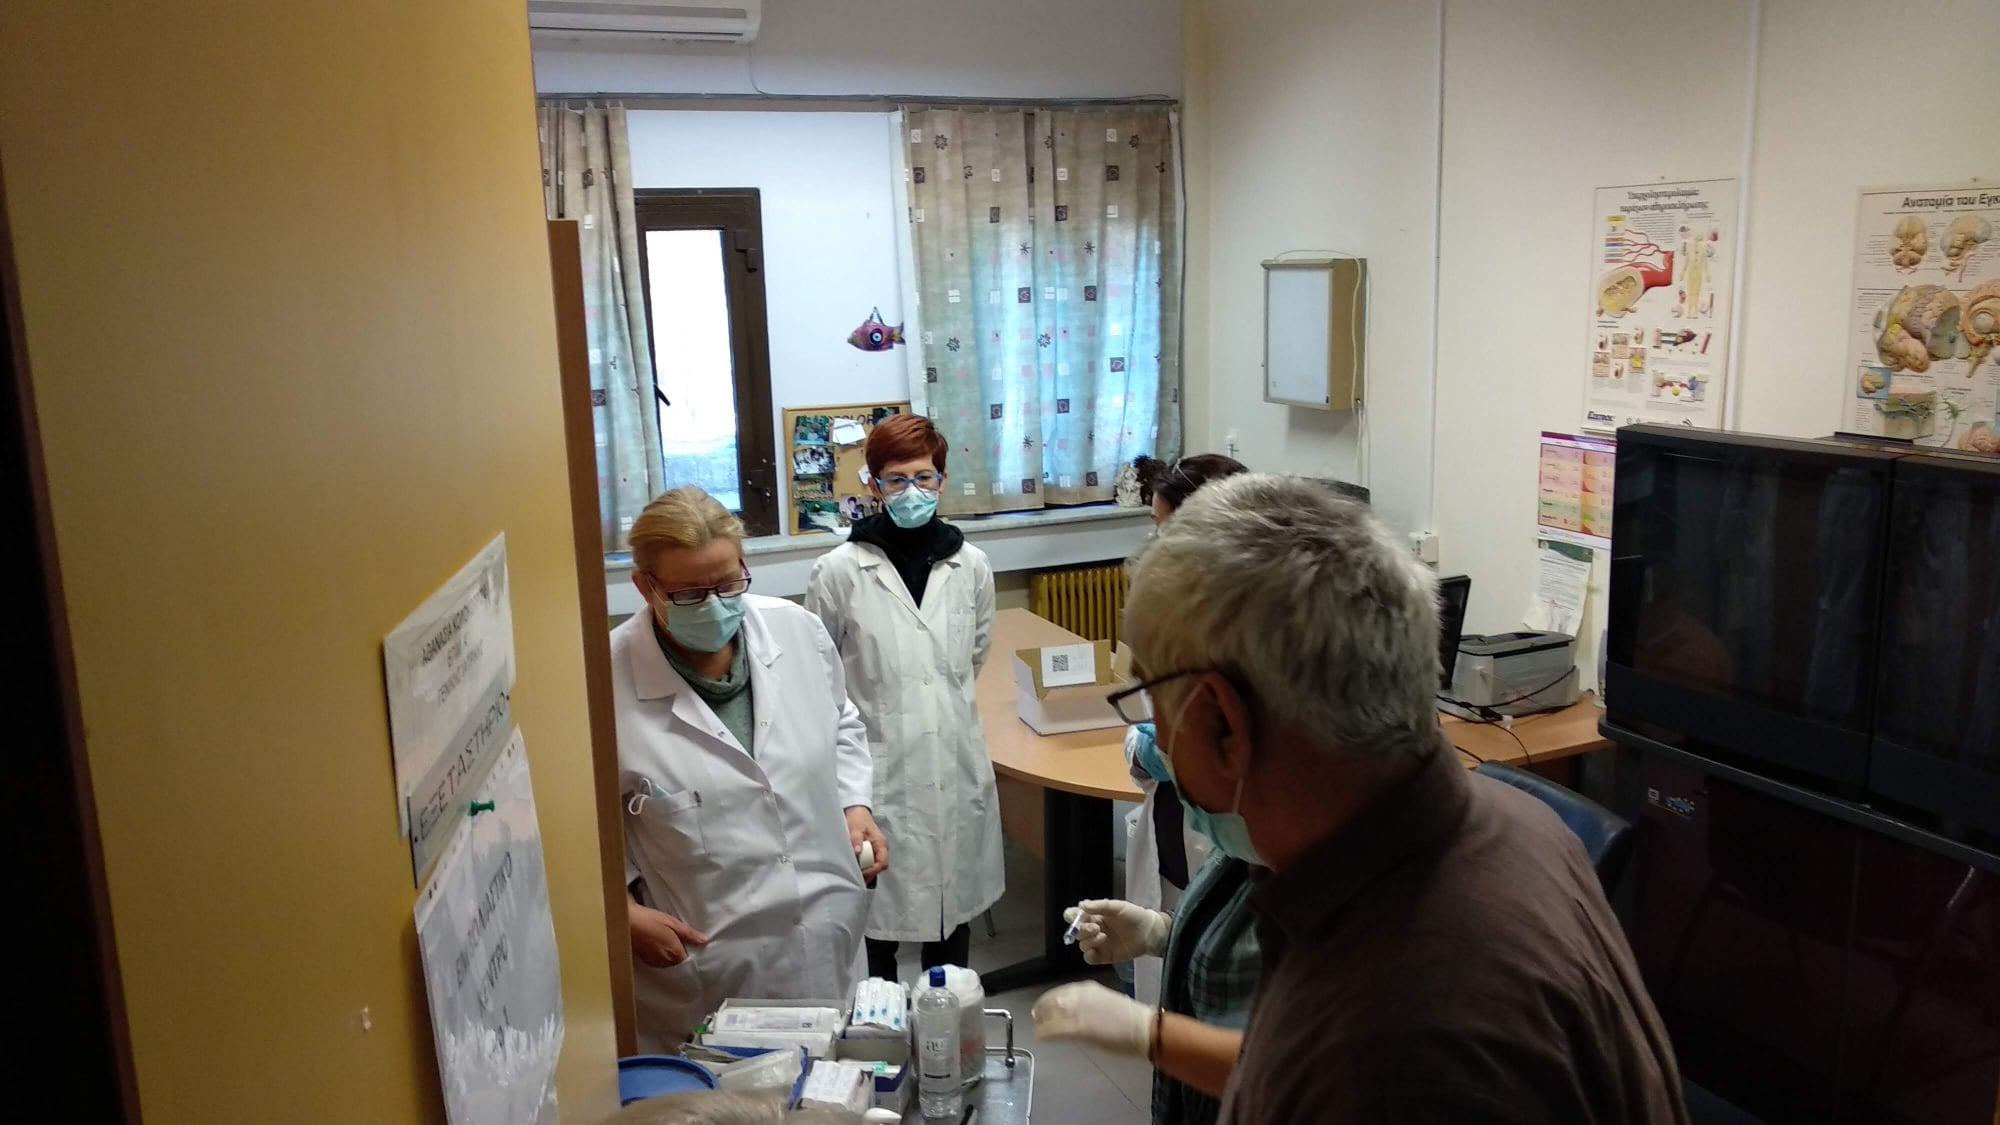 Κορονοϊός: 888 εμβολιασμοί στην Ξάνθη – Μόλις 1 νέο κρούσμα